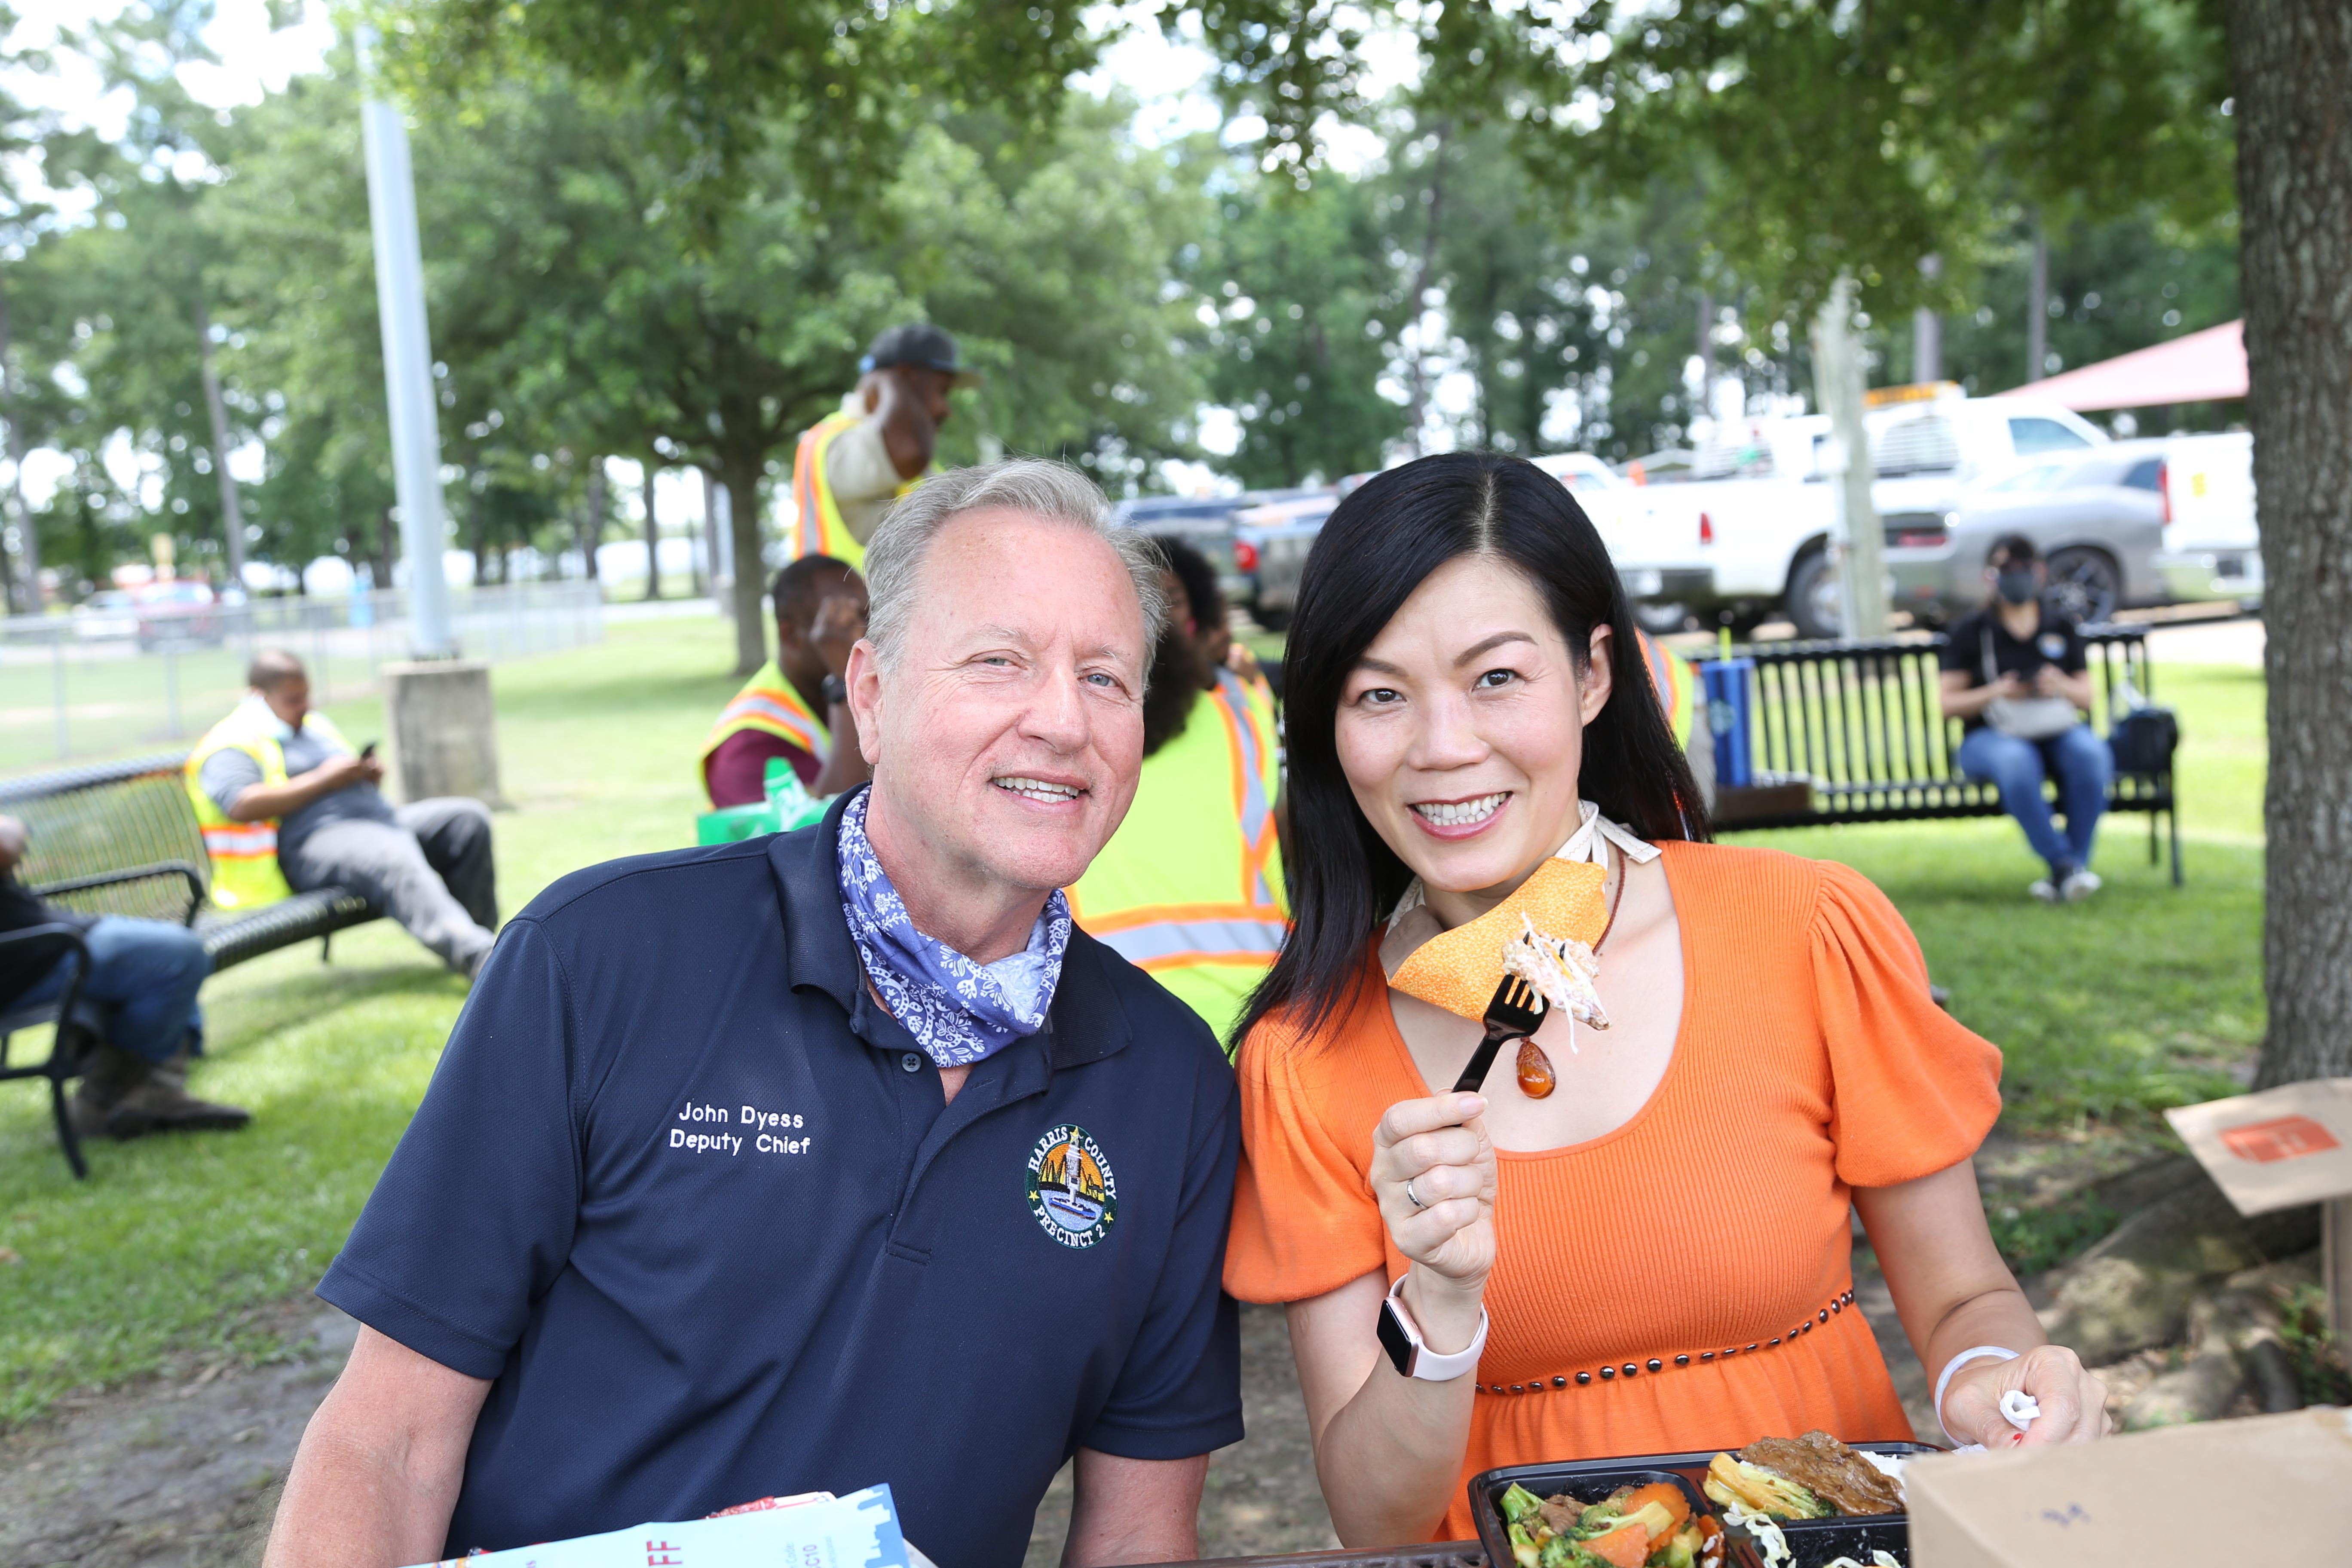 送餐活動總幹事陳宇雯(圖右)與工務局副局長John Dyess(圖左)合影。